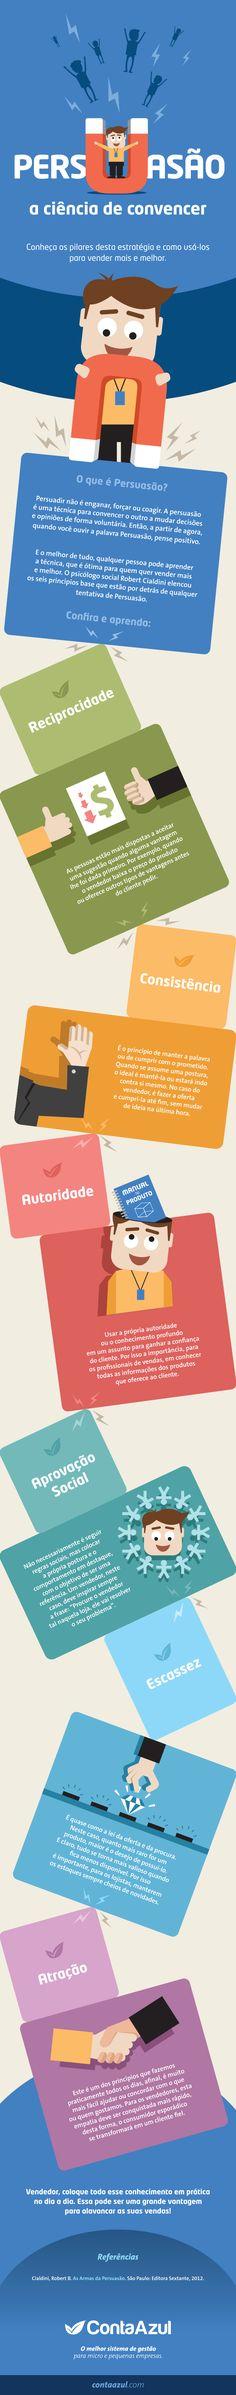 O poder da persuasão - Infográfico